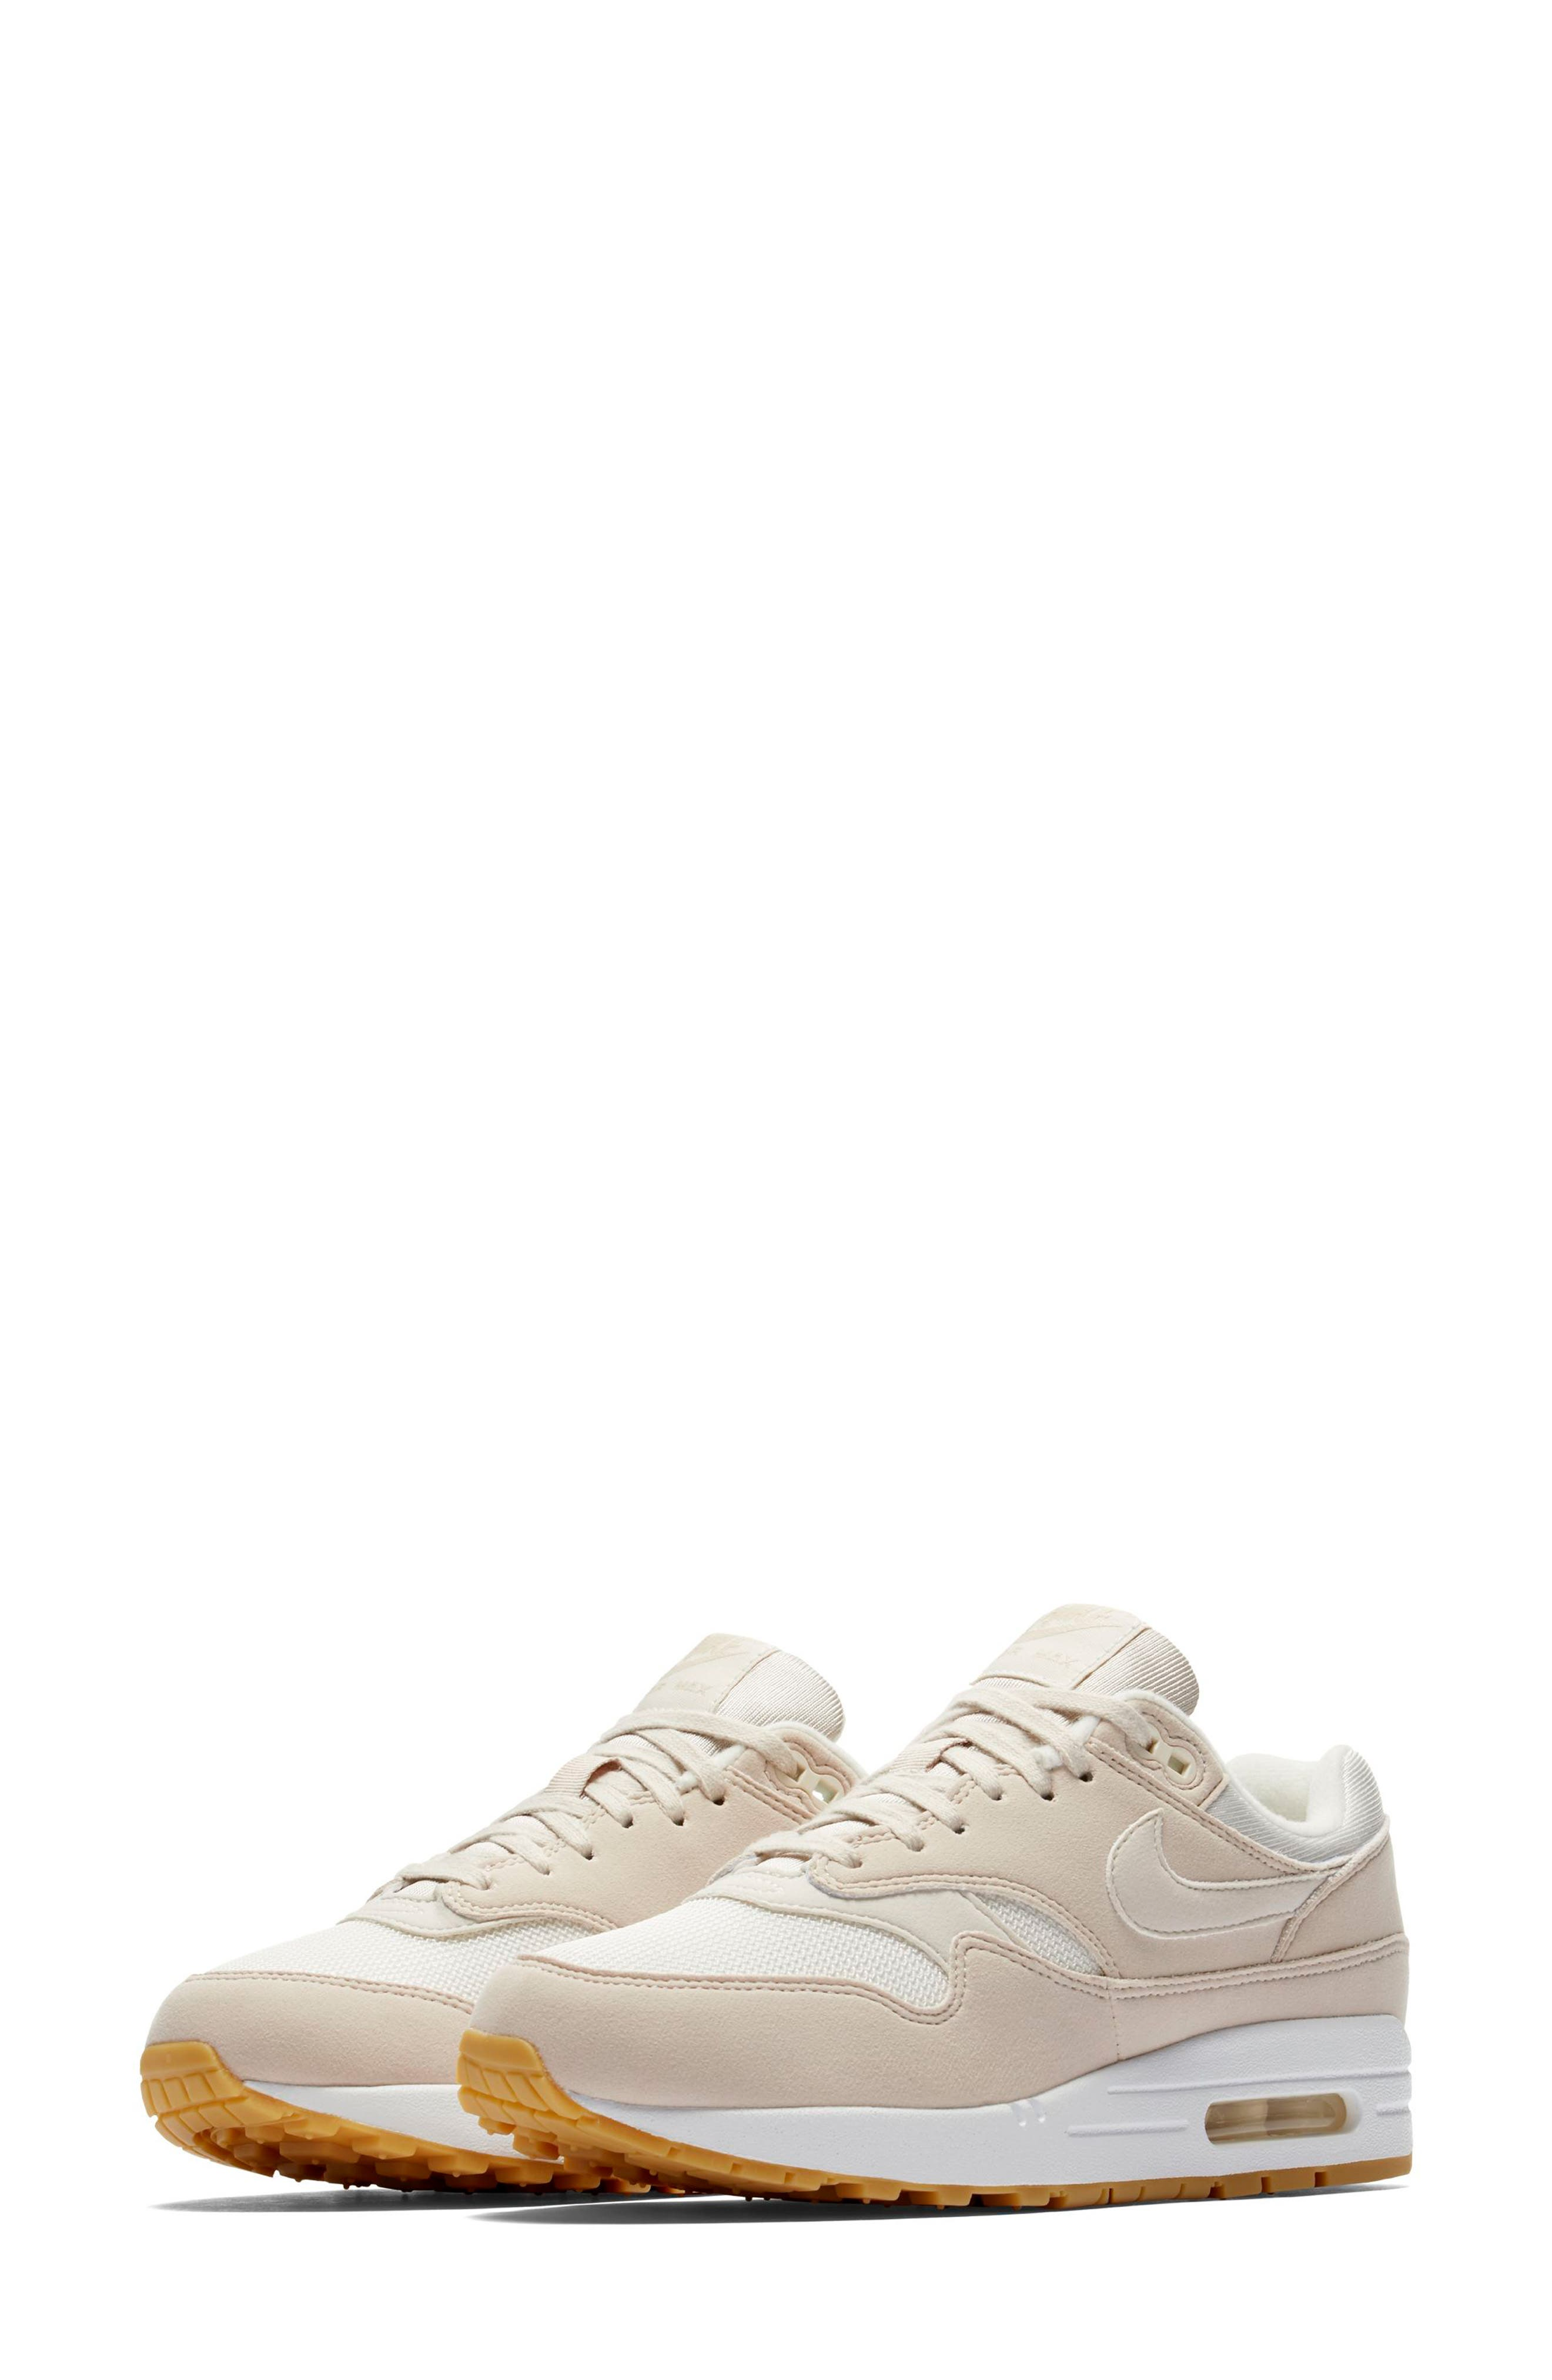 Air Max 1 Sneaker,                         Main,                         color, DESERT SAND